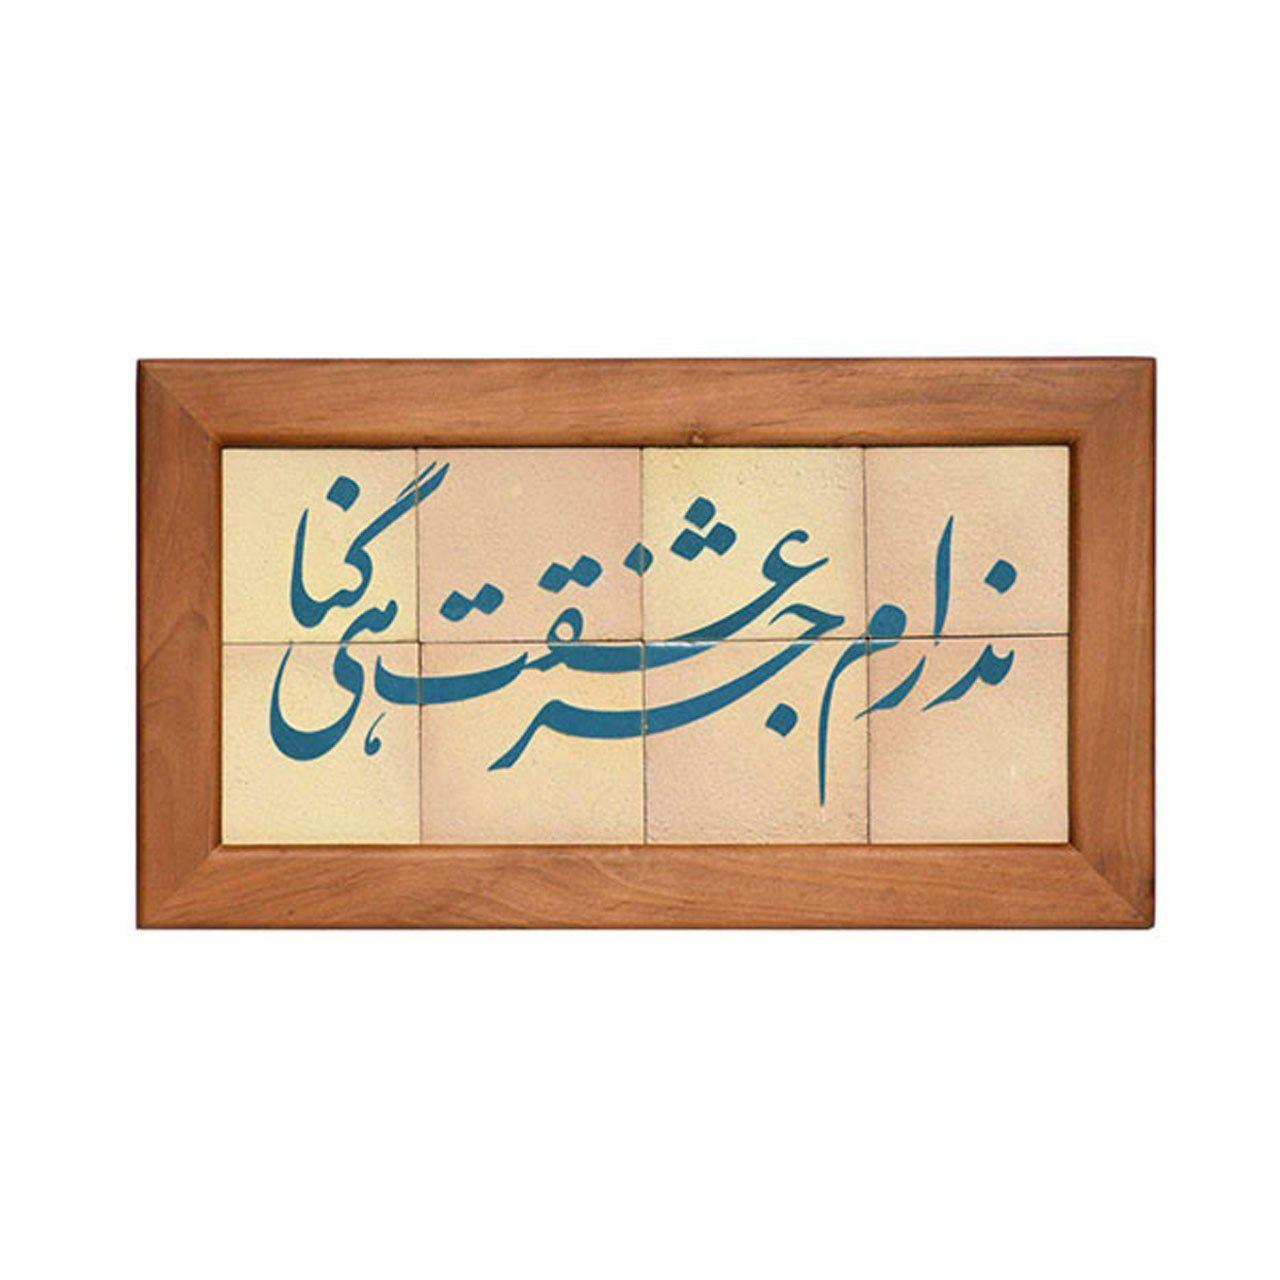 تابلو کاشی سلام طرح ندارم جز عشقت گناهی